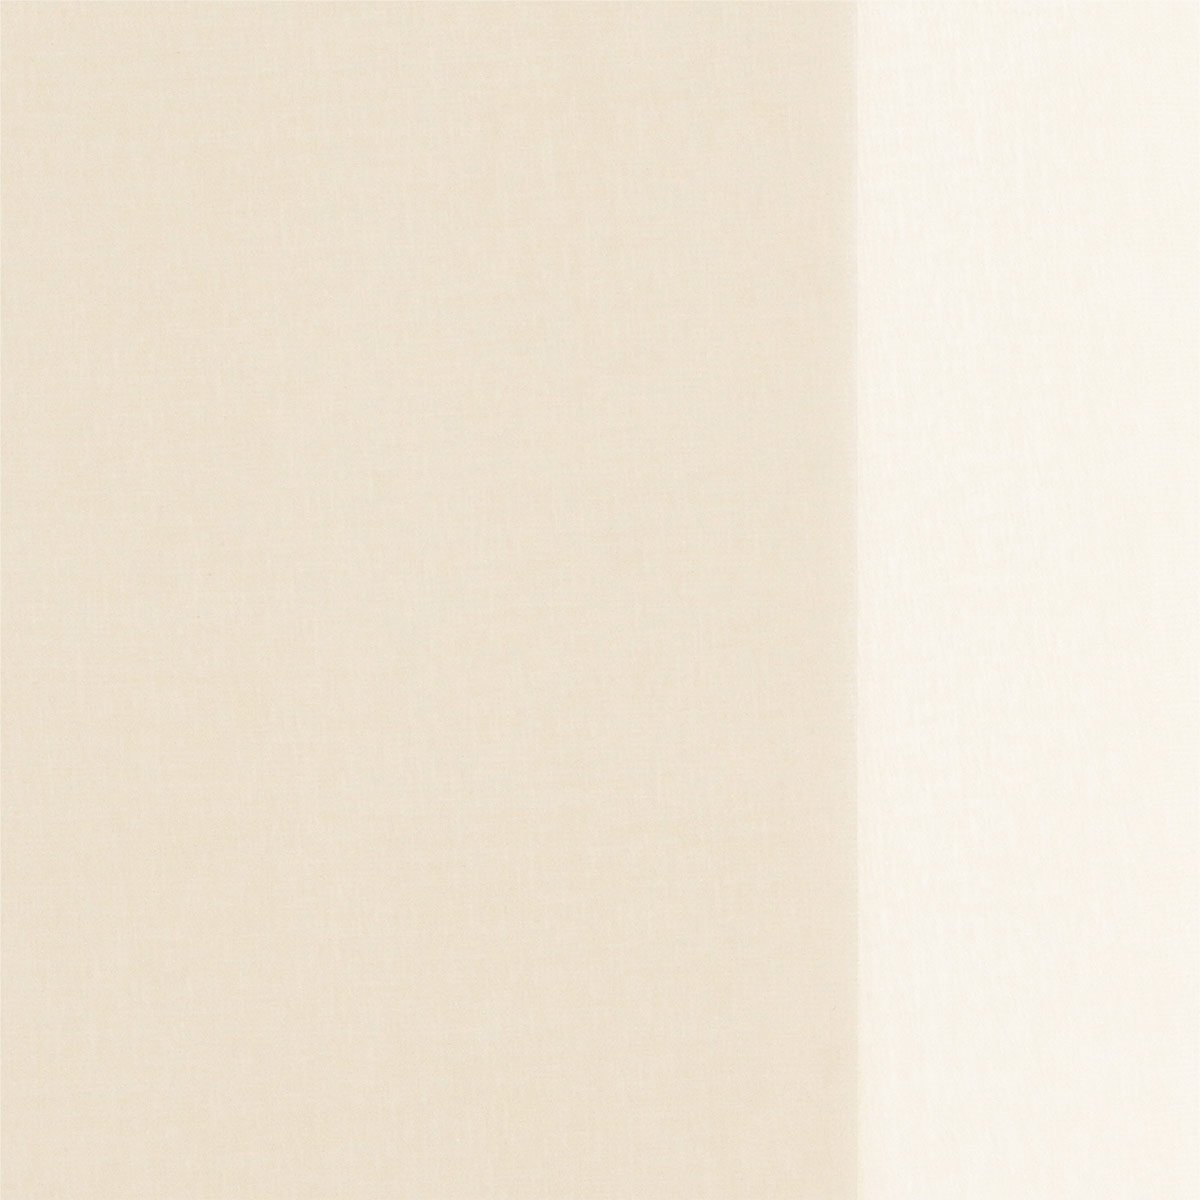 NAIGAI COMFORT ナイガイ コンフォート レディース ウエストゆったり ストッキング 透明美脚 1003004【ゆうパケット・4点まで】